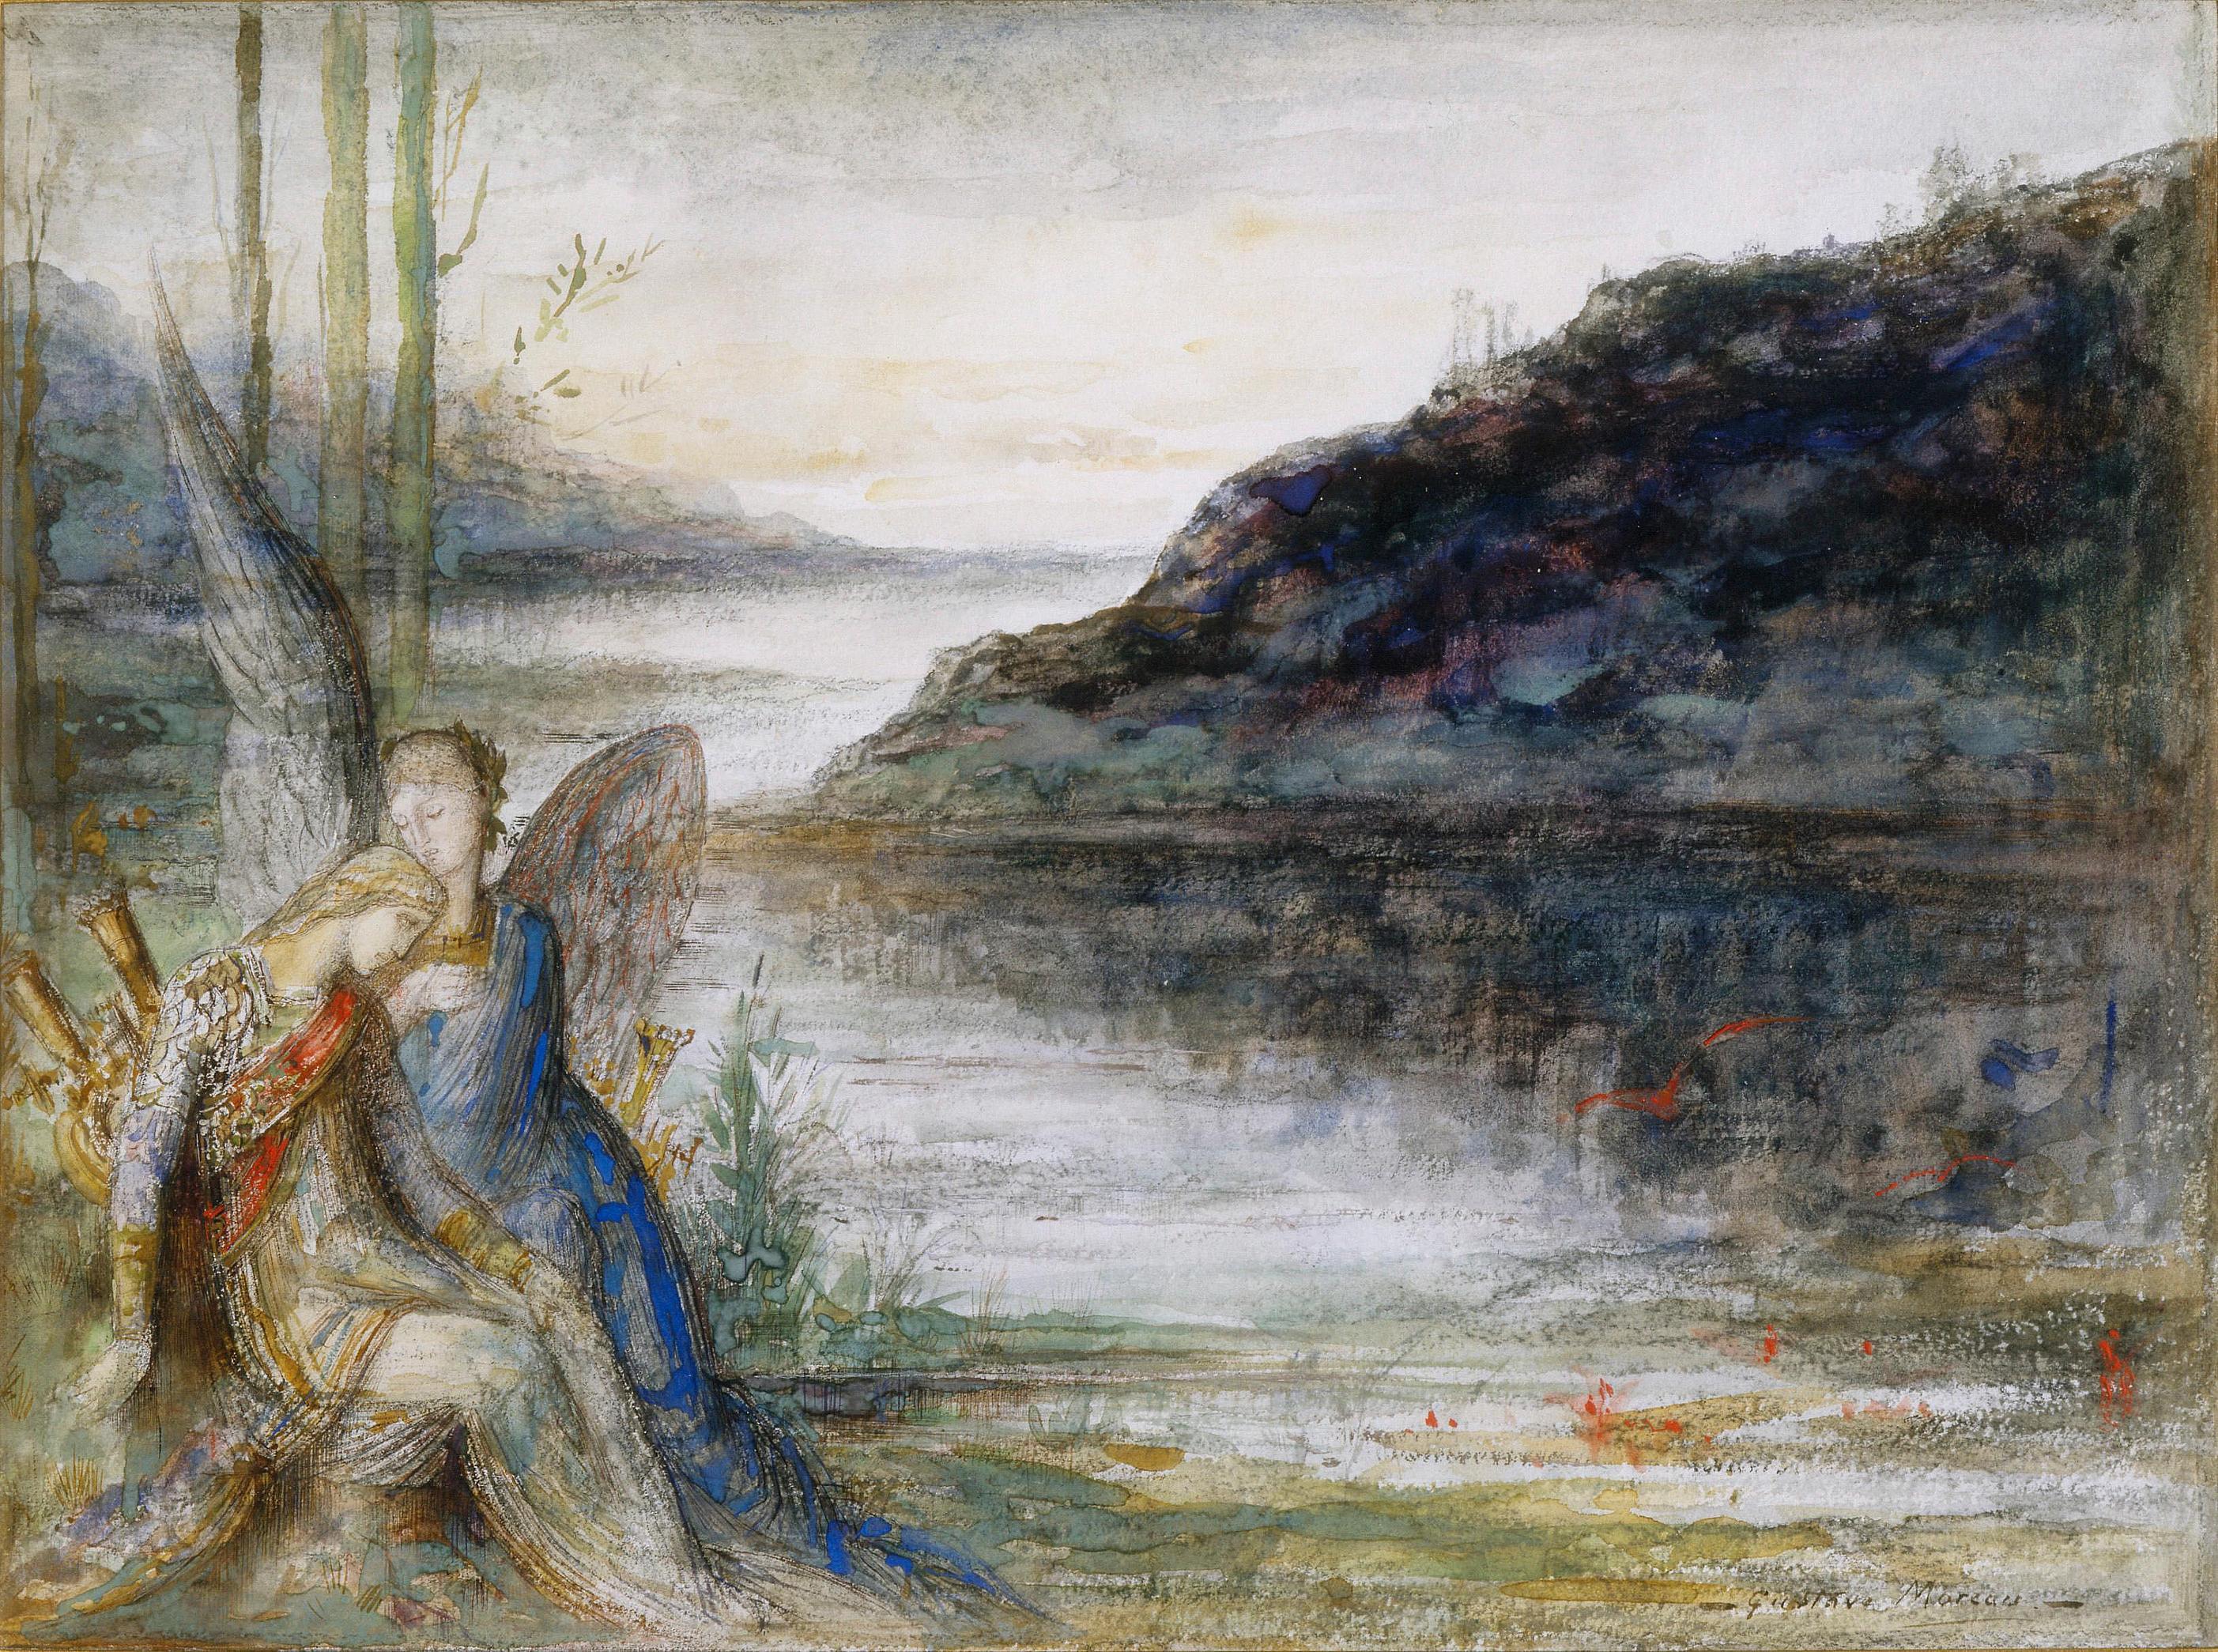 Вечер и печаль (35 х 33.5 см) (акварель) (Париж, музей Гюстава Моро)